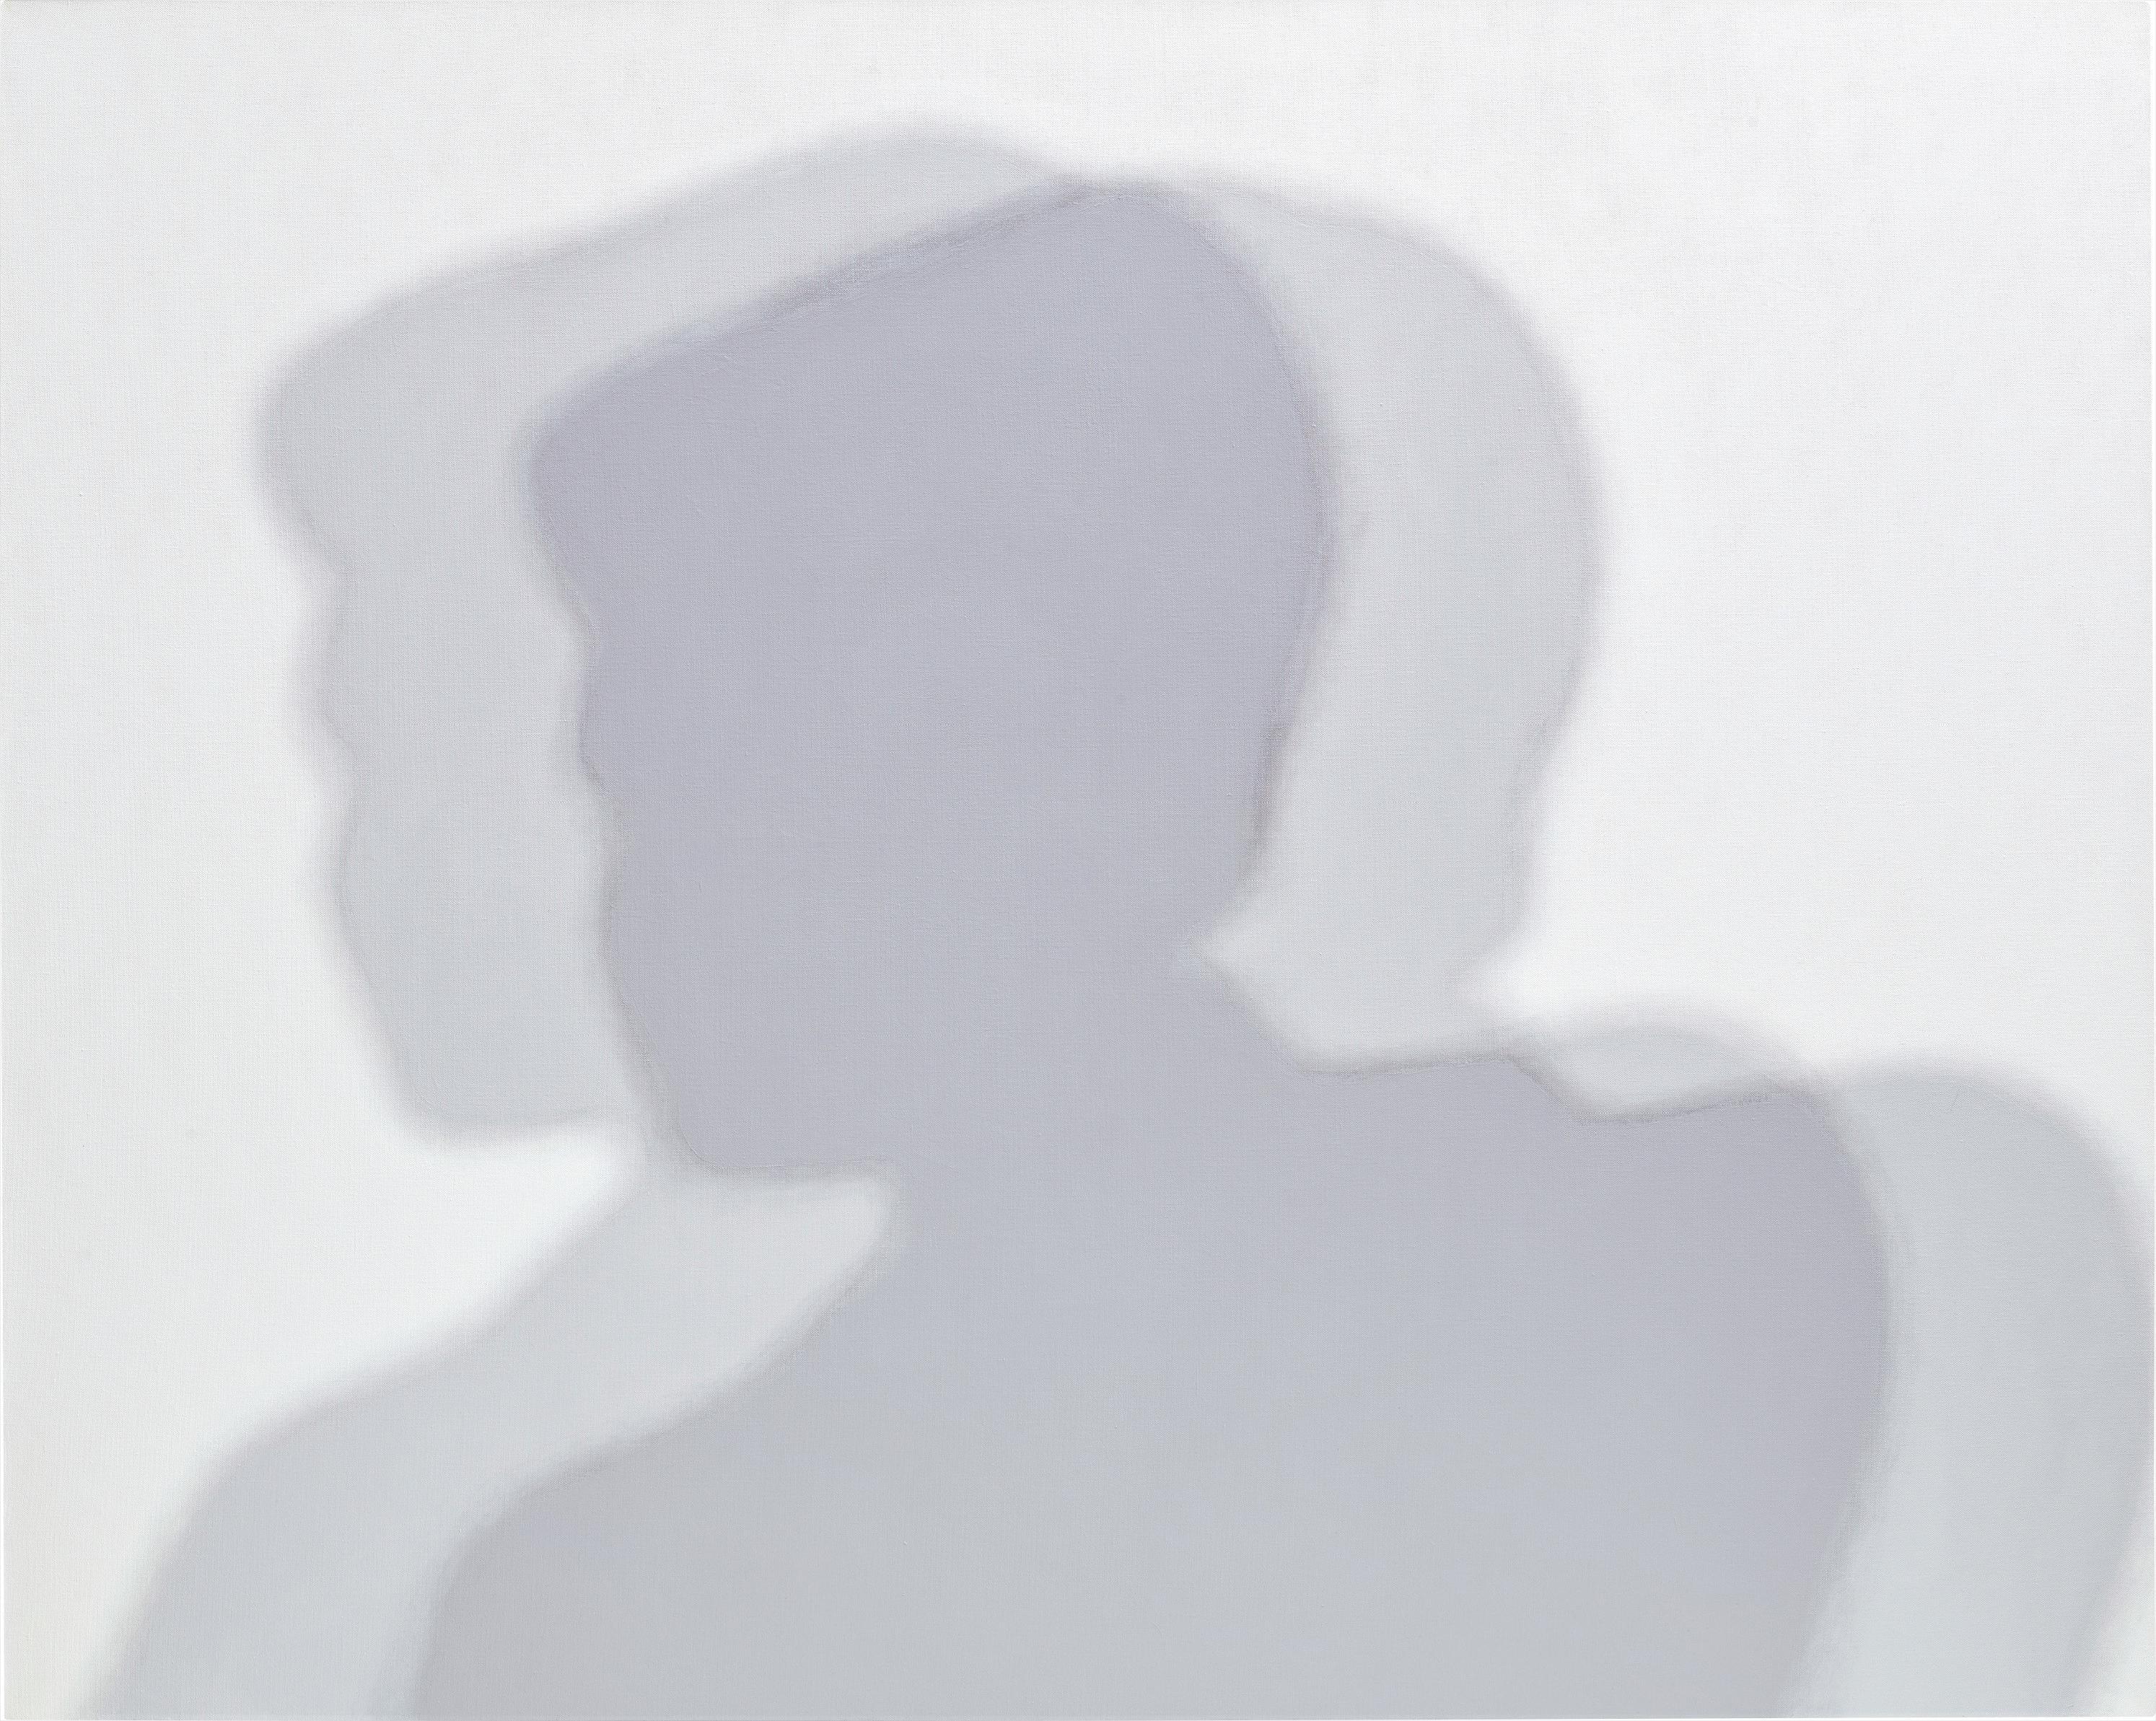 Jiro Takamatsu-Shadow (No. 1430)-1997